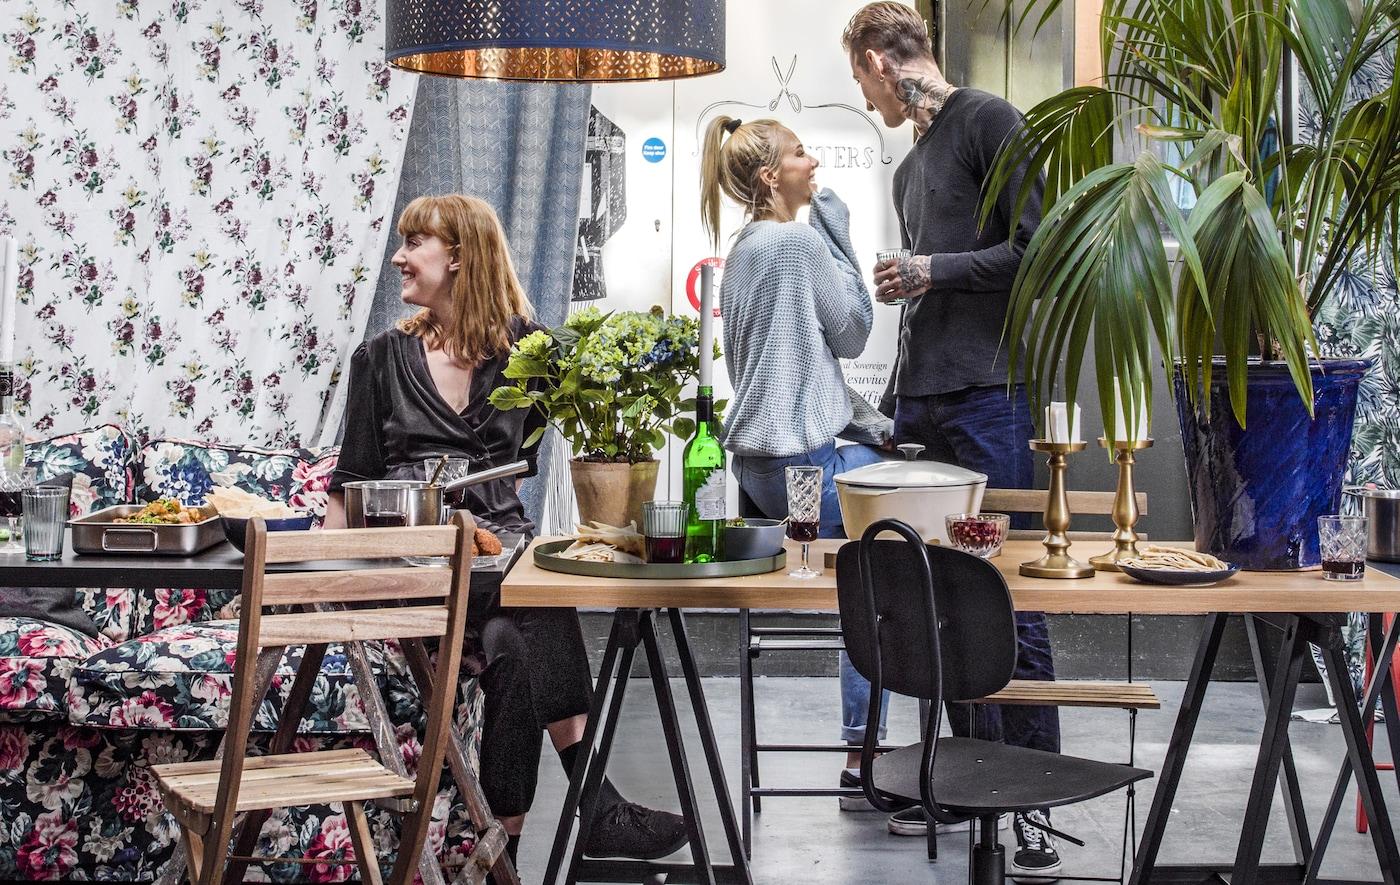 Persone che socializzano in una zona pranzo arredata con un mix di sedie e tavoli diversi - IKEA